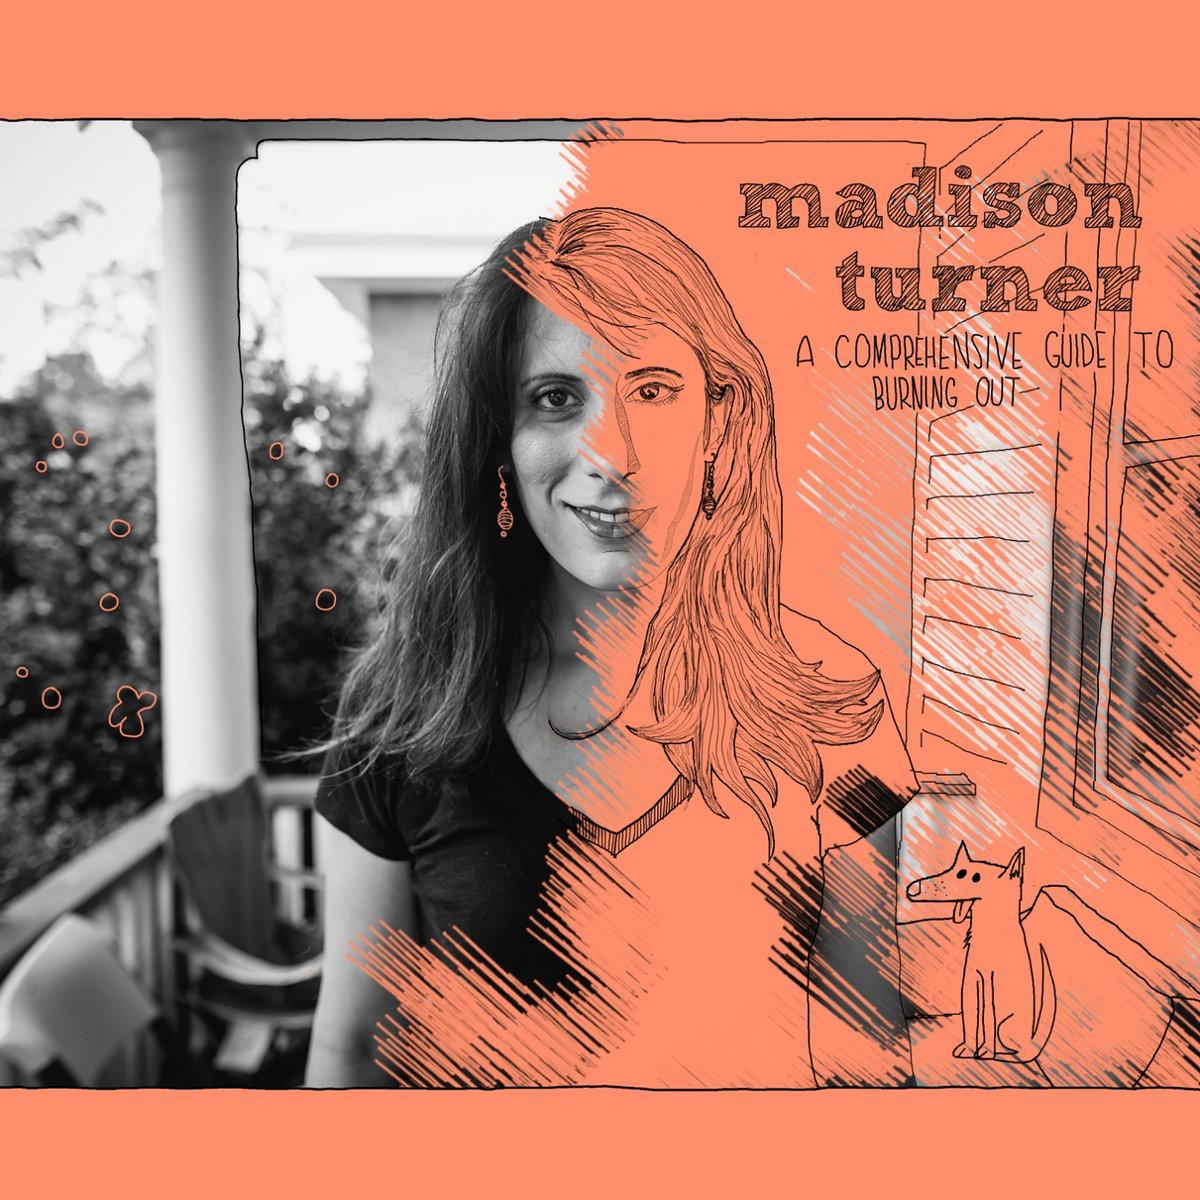 Eve Madison